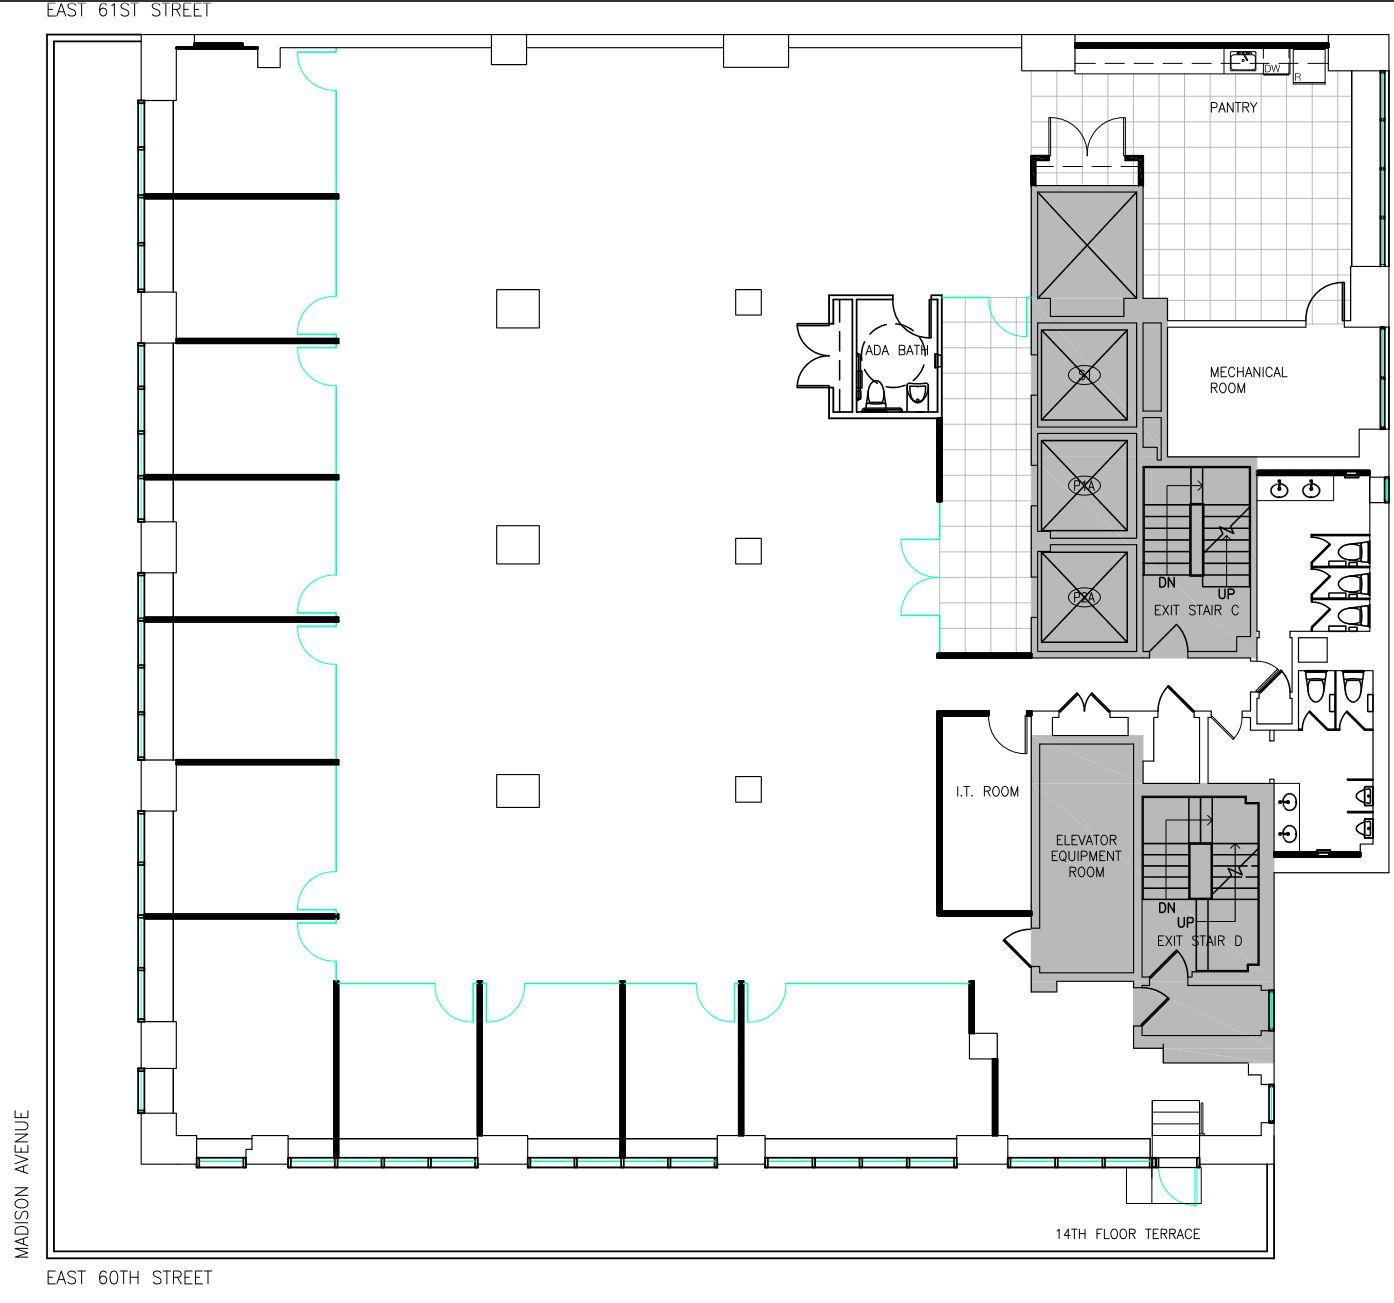 As-built floorplan